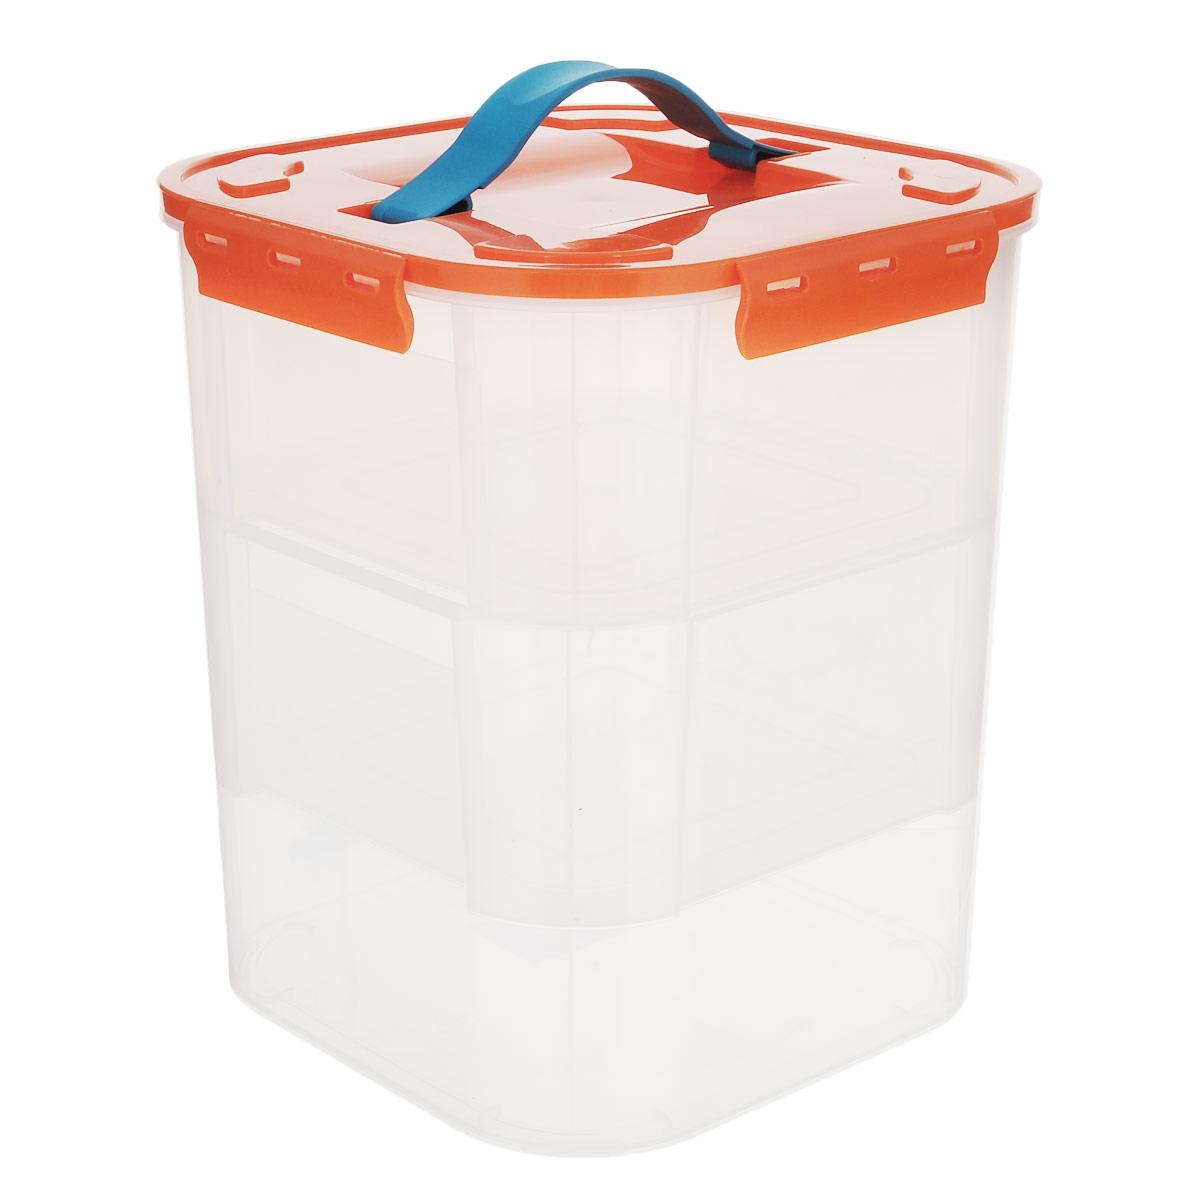 Контейнер Idea, с двумя вкладышами, цвет: оранжевый, 10 лМ 2828Контейнер Idea выполнен из прозрачного пластика. Внутрь вставляются 2 вкладыша, что позволяет удобно отделять одни предметы от других. Контейнер идеально подойдет для любых мелких бытовых предметов: канцелярии, принадлежностей для шитья и многого другого Контейнер плотно закрывается цветной крышкой с 4 защелками. Для удобства переноски сверху имеется ручка, выполненная из термоэластопласта. Контейнер Idea очень вместителен и поможет вам хранить все мелочи в одном месте.